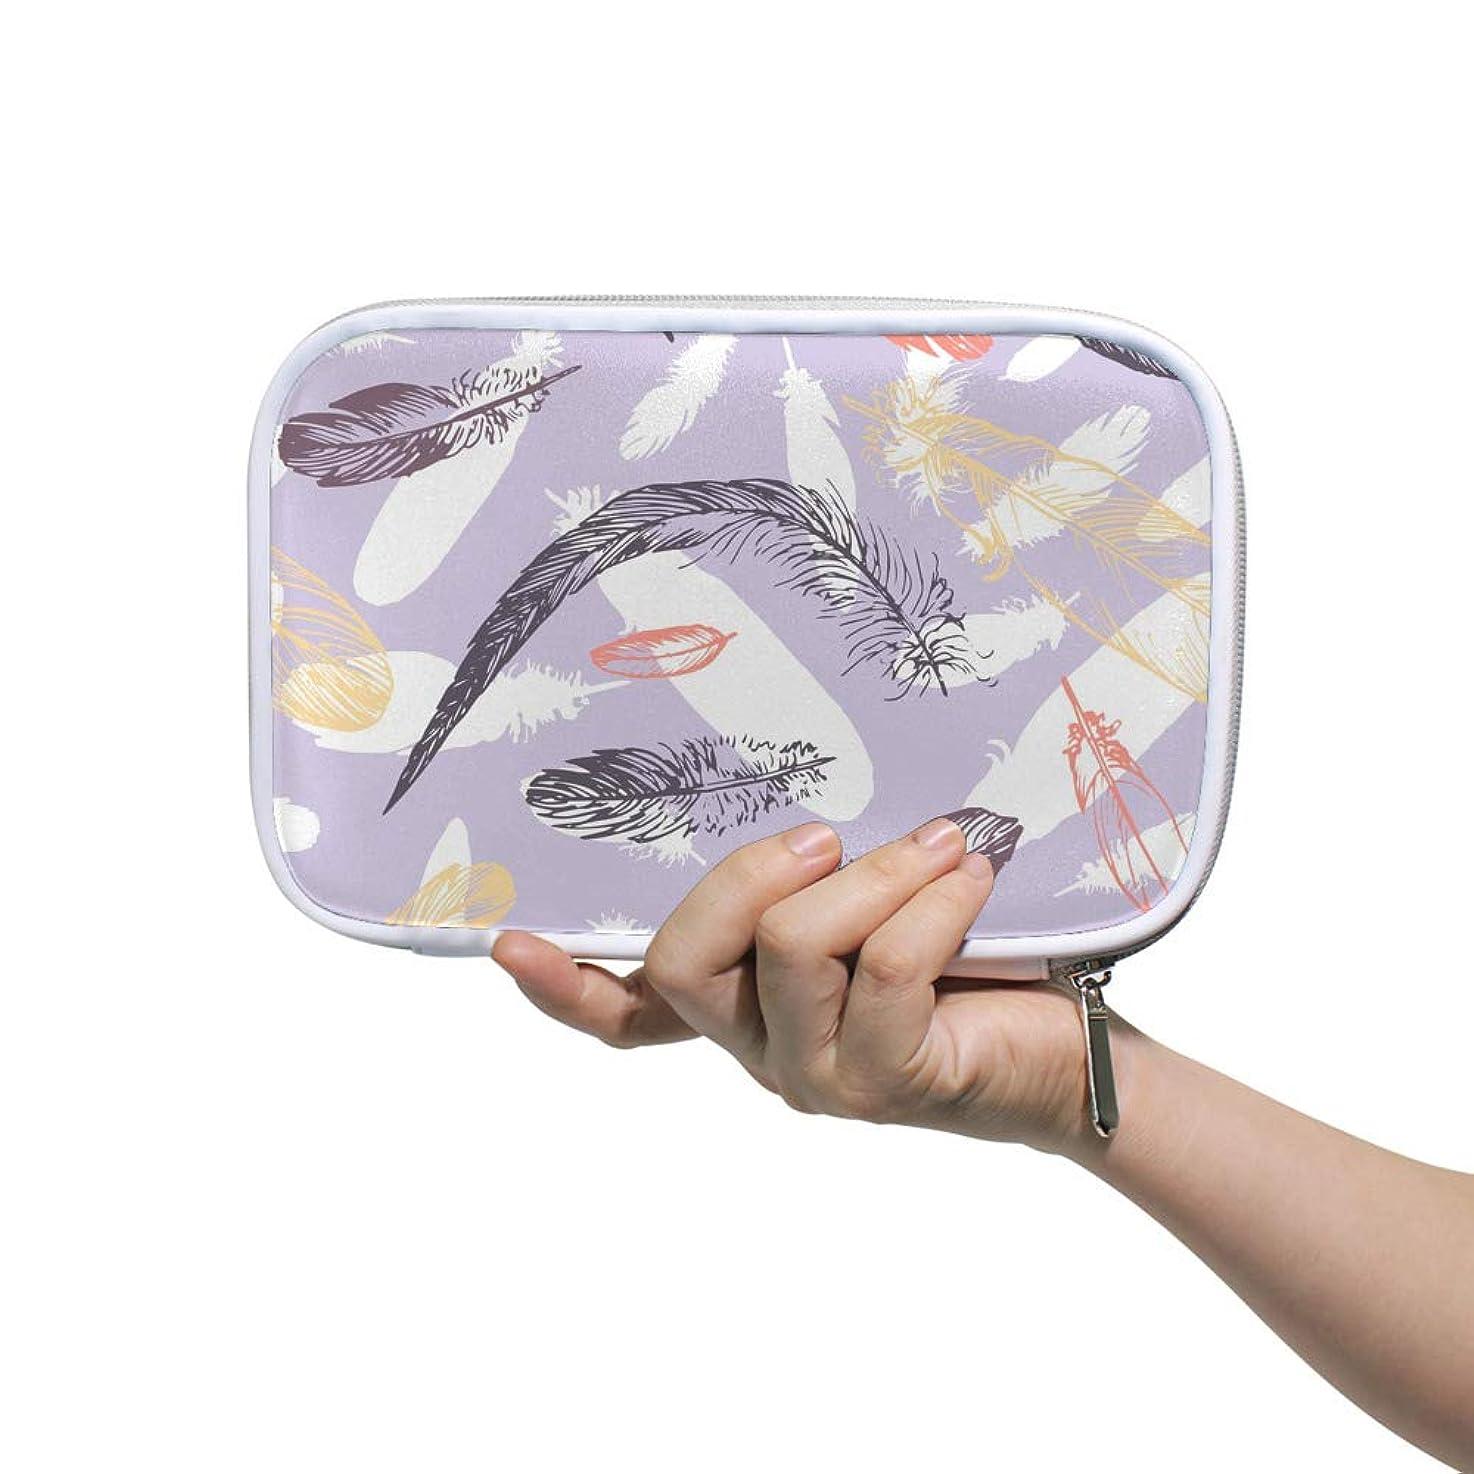 十分なチロ法的ZHIMI 化粧ポーチ メイクポーチ レディース コンパクト 柔らかい おしゃれ コスメケース 化粧品収納バッグ 綺麗な羽柄 機能的 防水 軽量 小物入れ 出張 海外旅行グッズ パスポートケースとしても適用